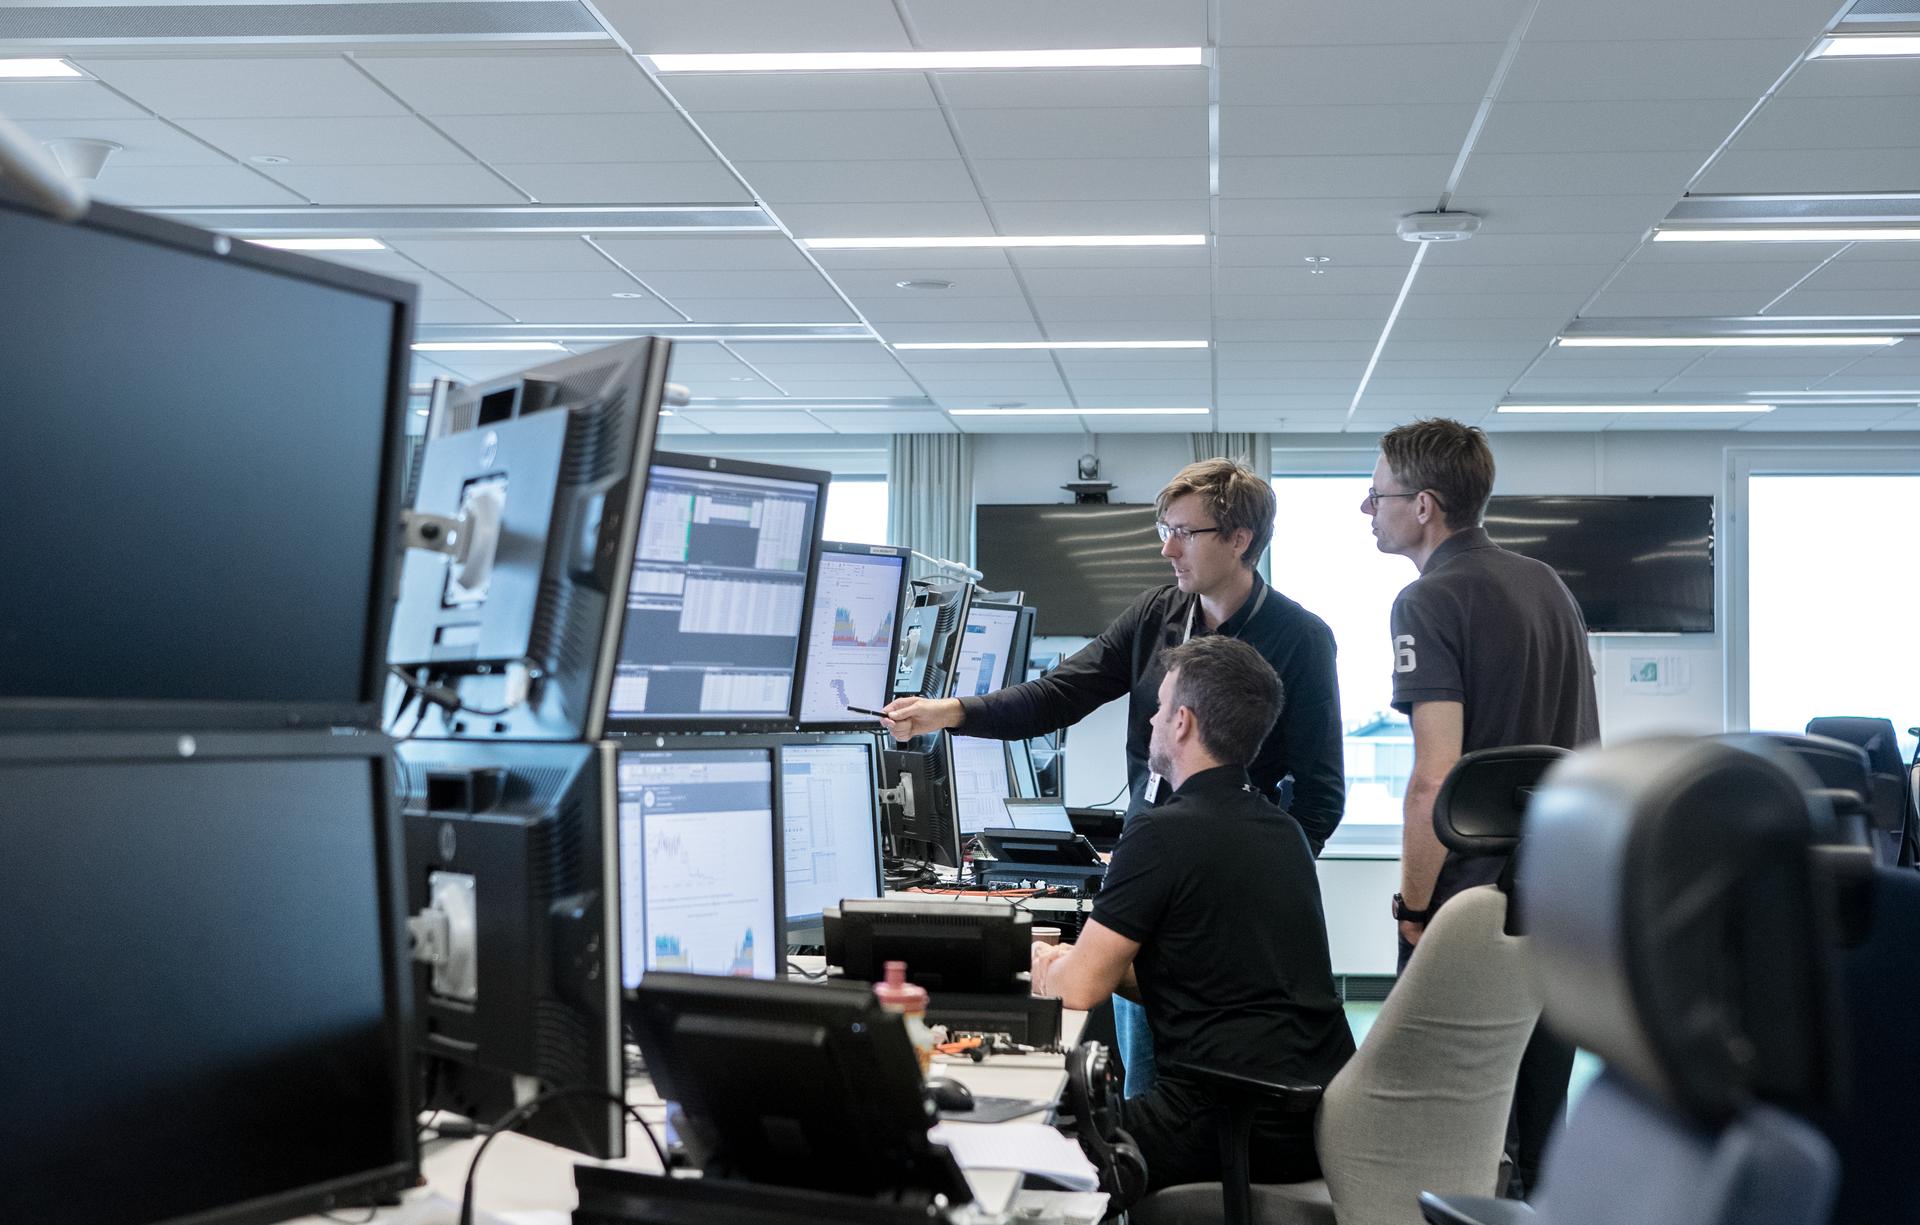 Large Screen 72 DPI-Vattenfall Trading Floor 01 2019